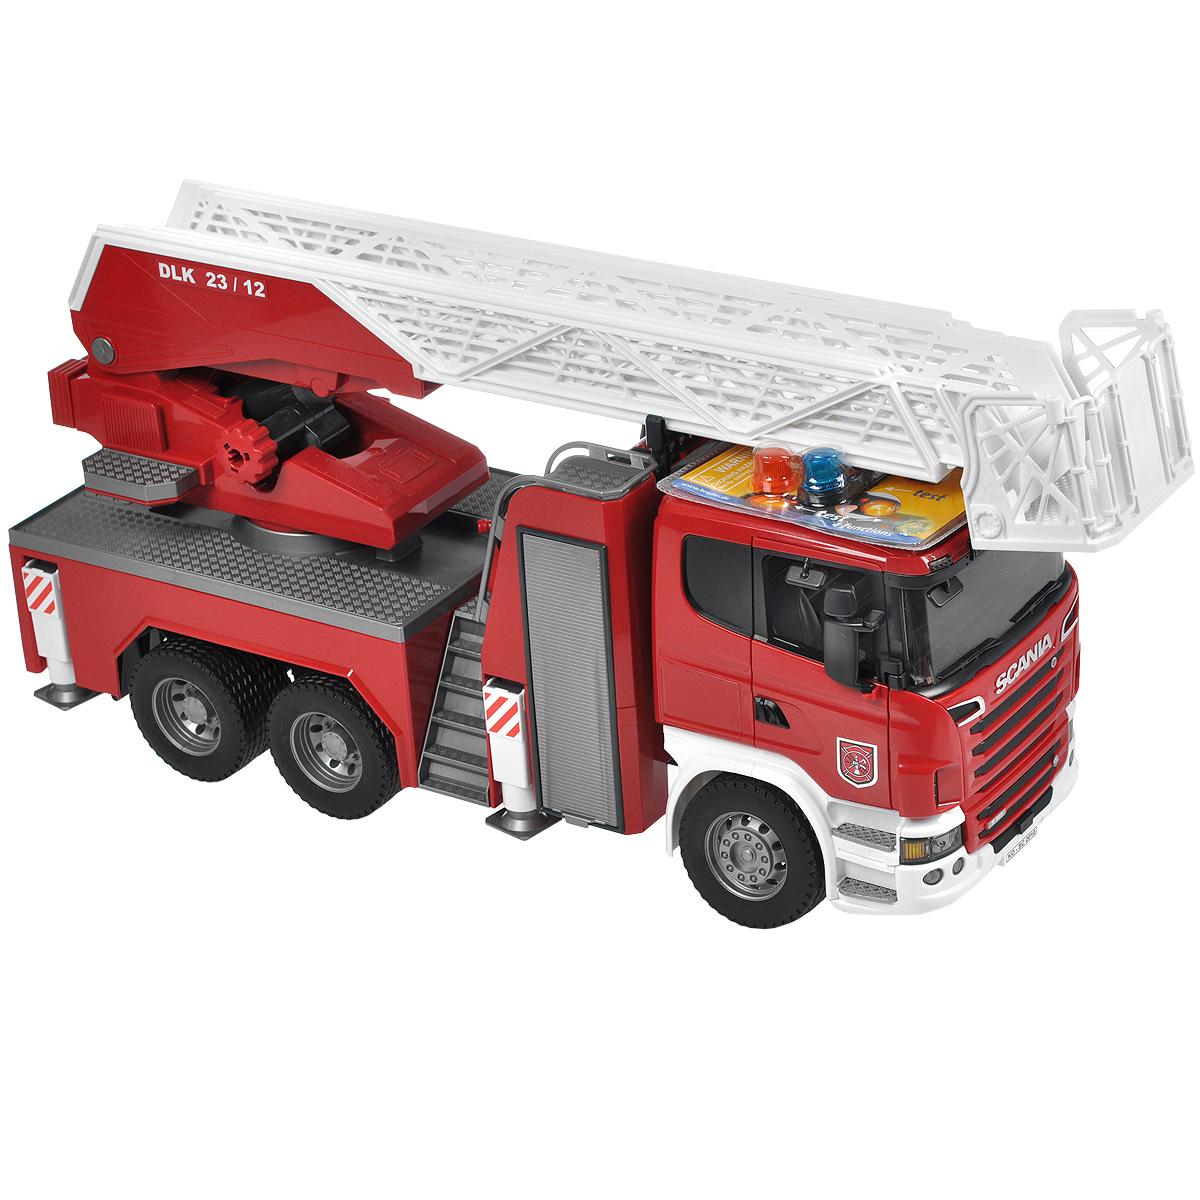 Bruder Пожарная машина Scania bruder пожарная машина mack с выдвижной лестницей и помпой bruder